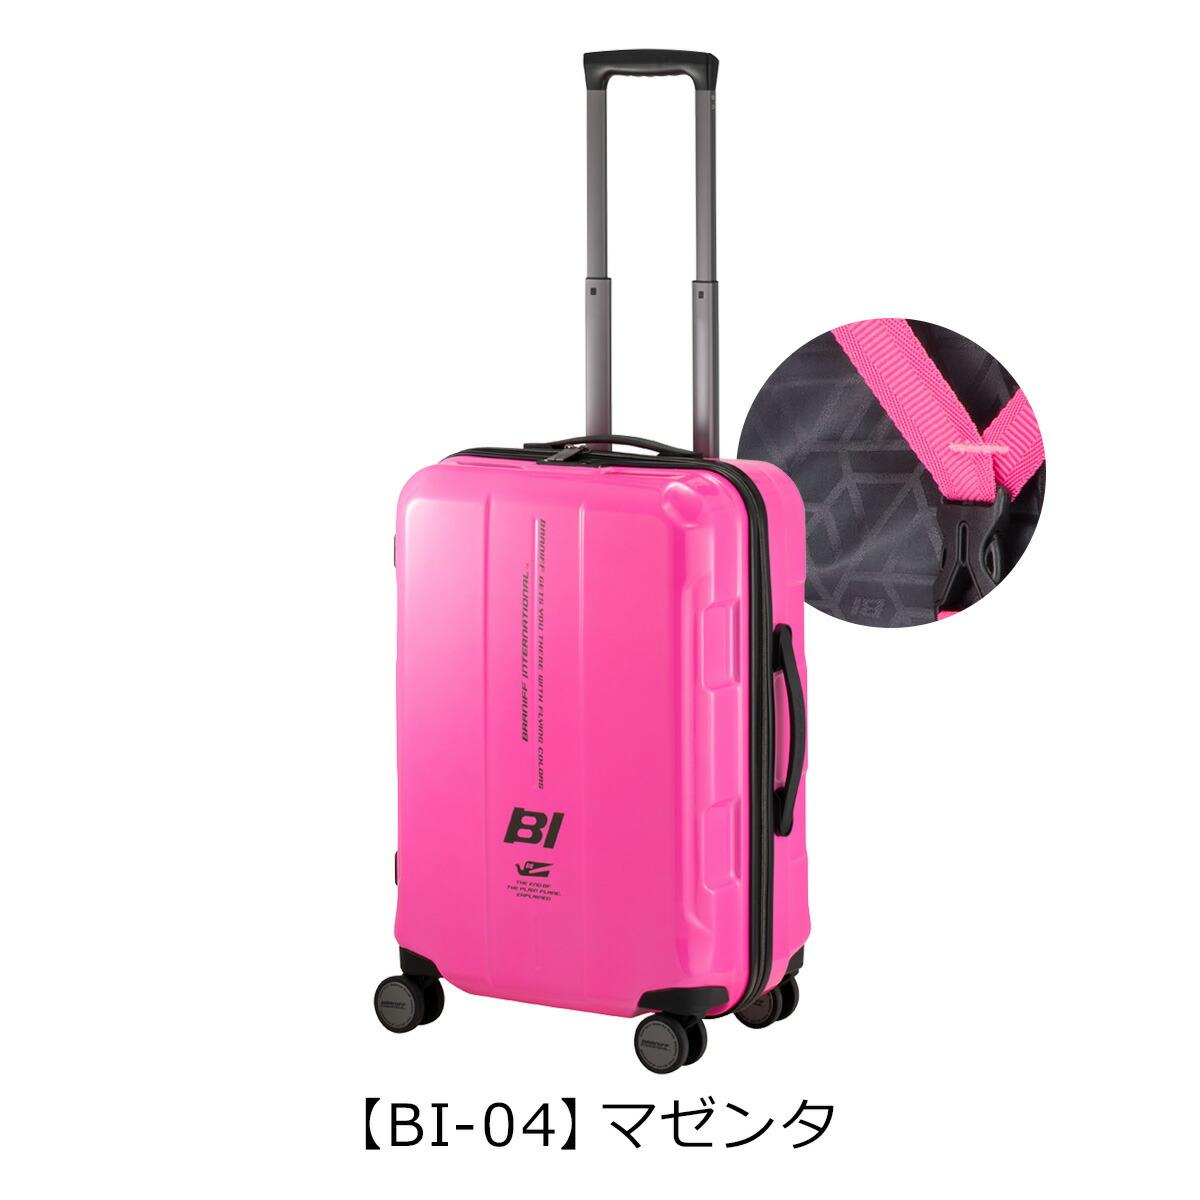 【BI-04】マゼンタ